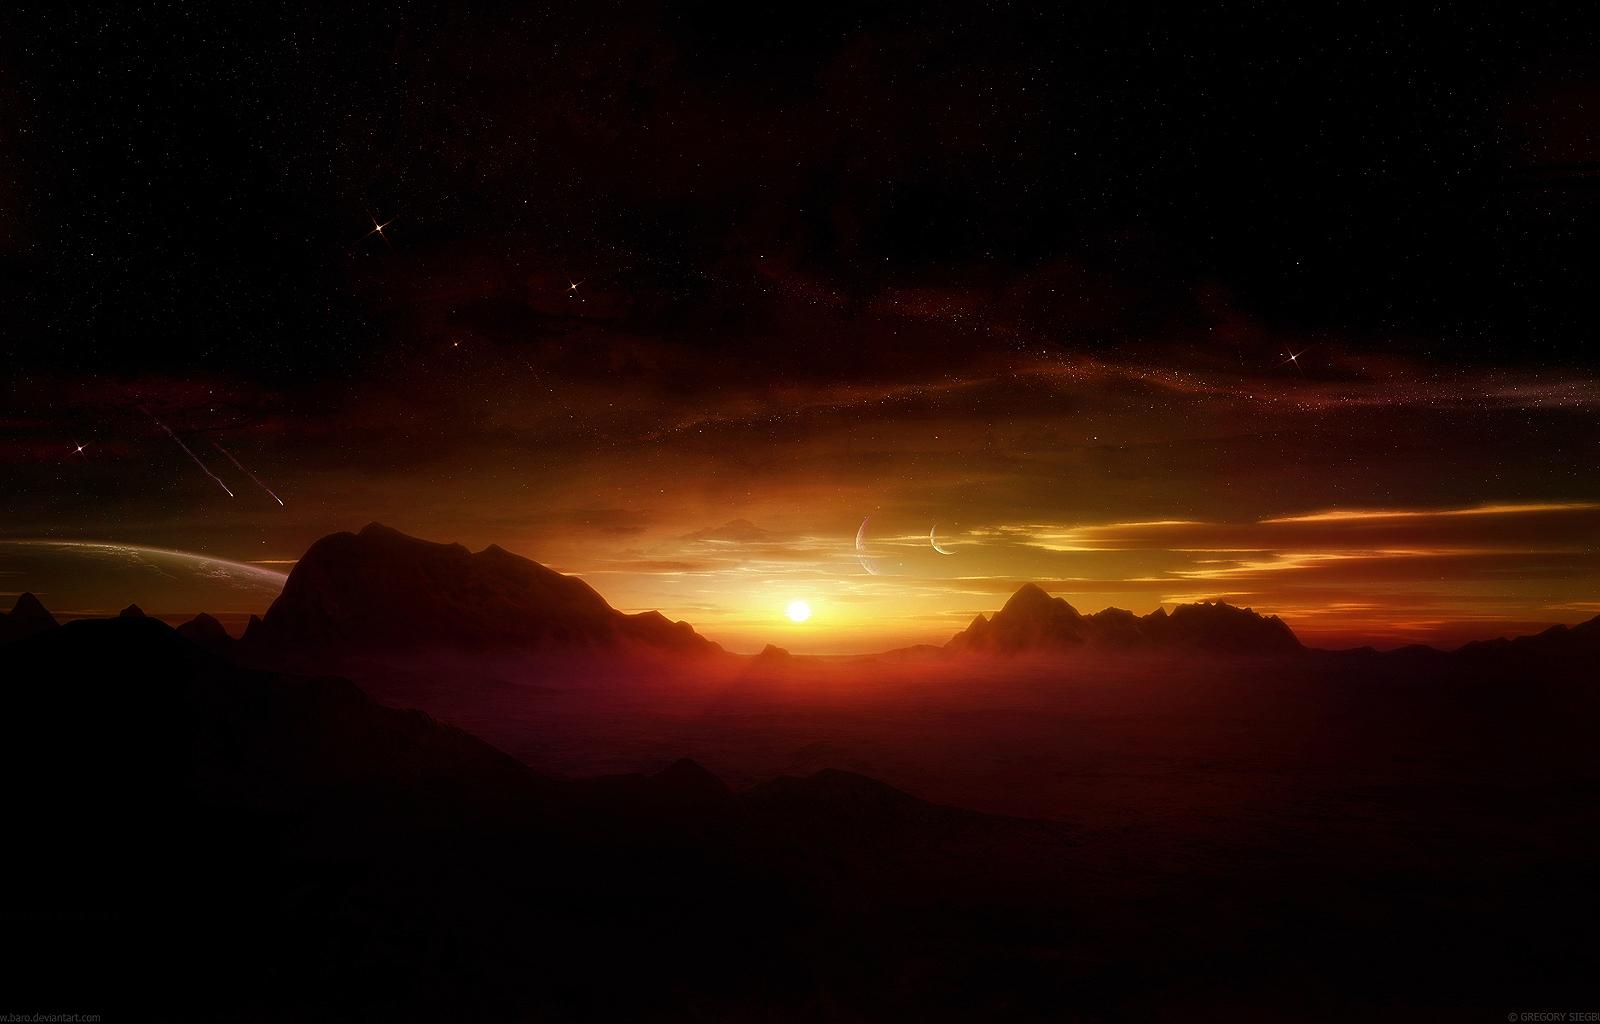 Votre fond d'écran Coucher-de-soleil-couchers-et-levers-de-soleil-nature